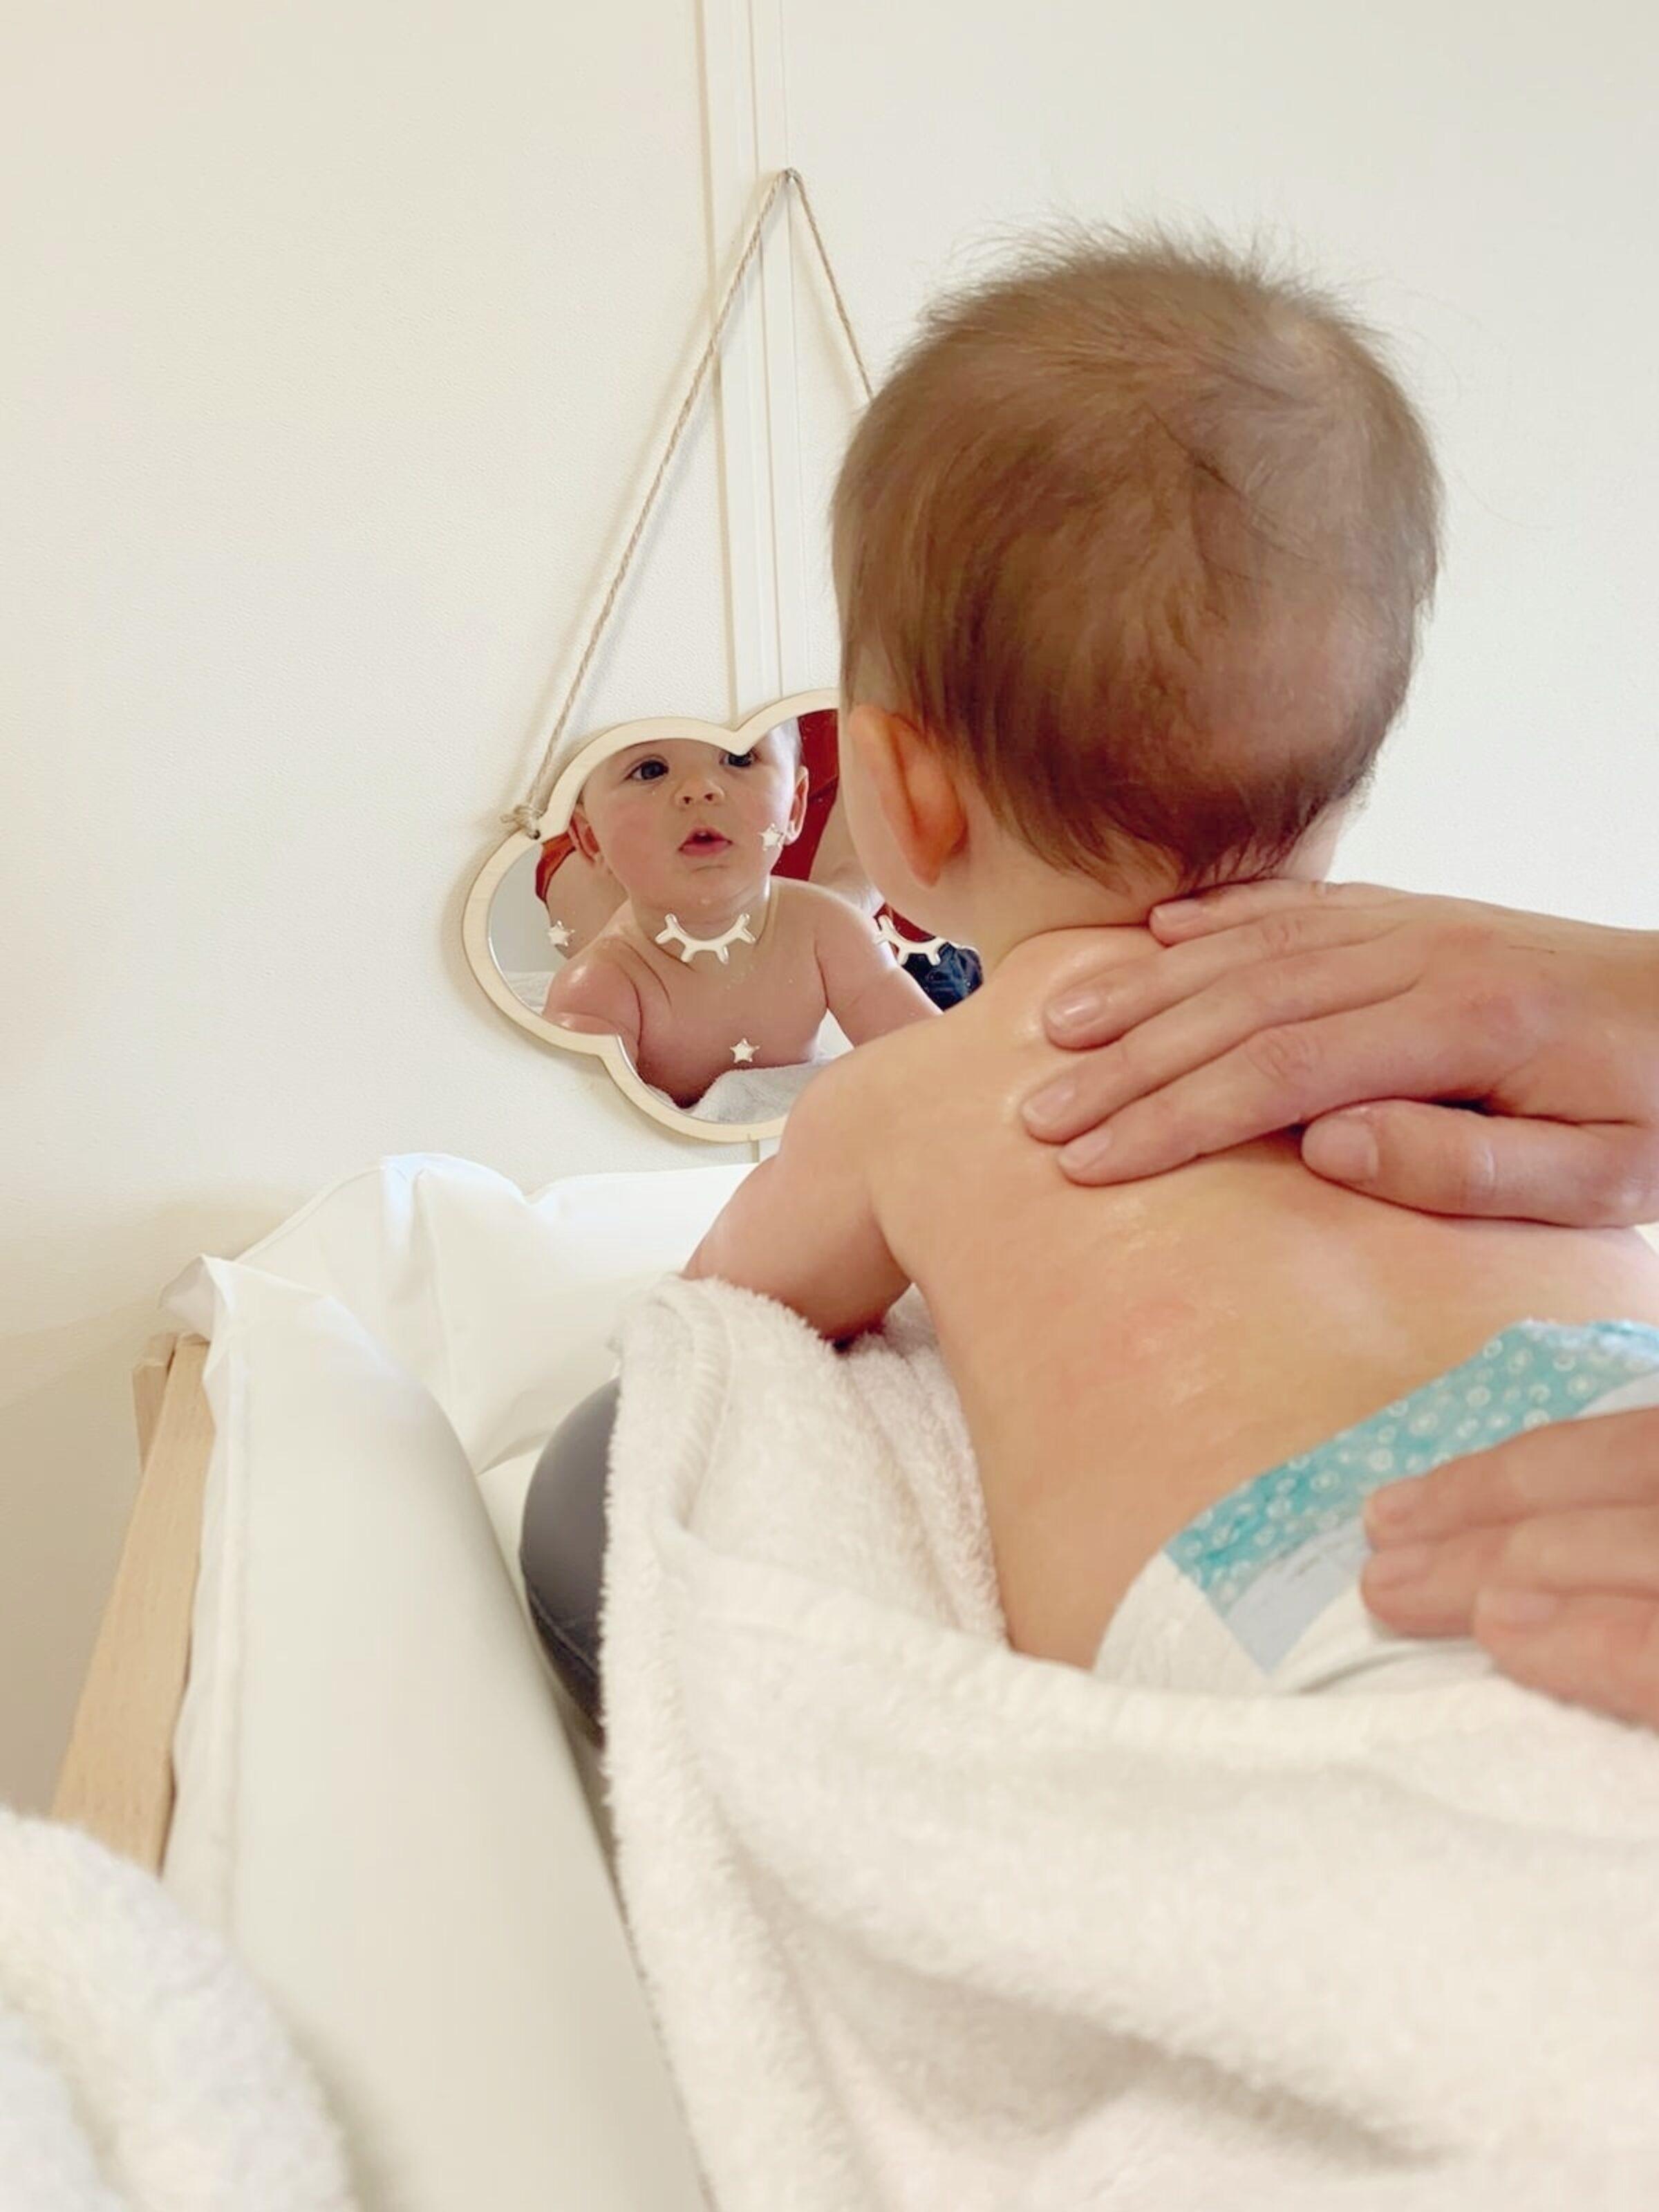 Bieboe Baby Spa Enschede